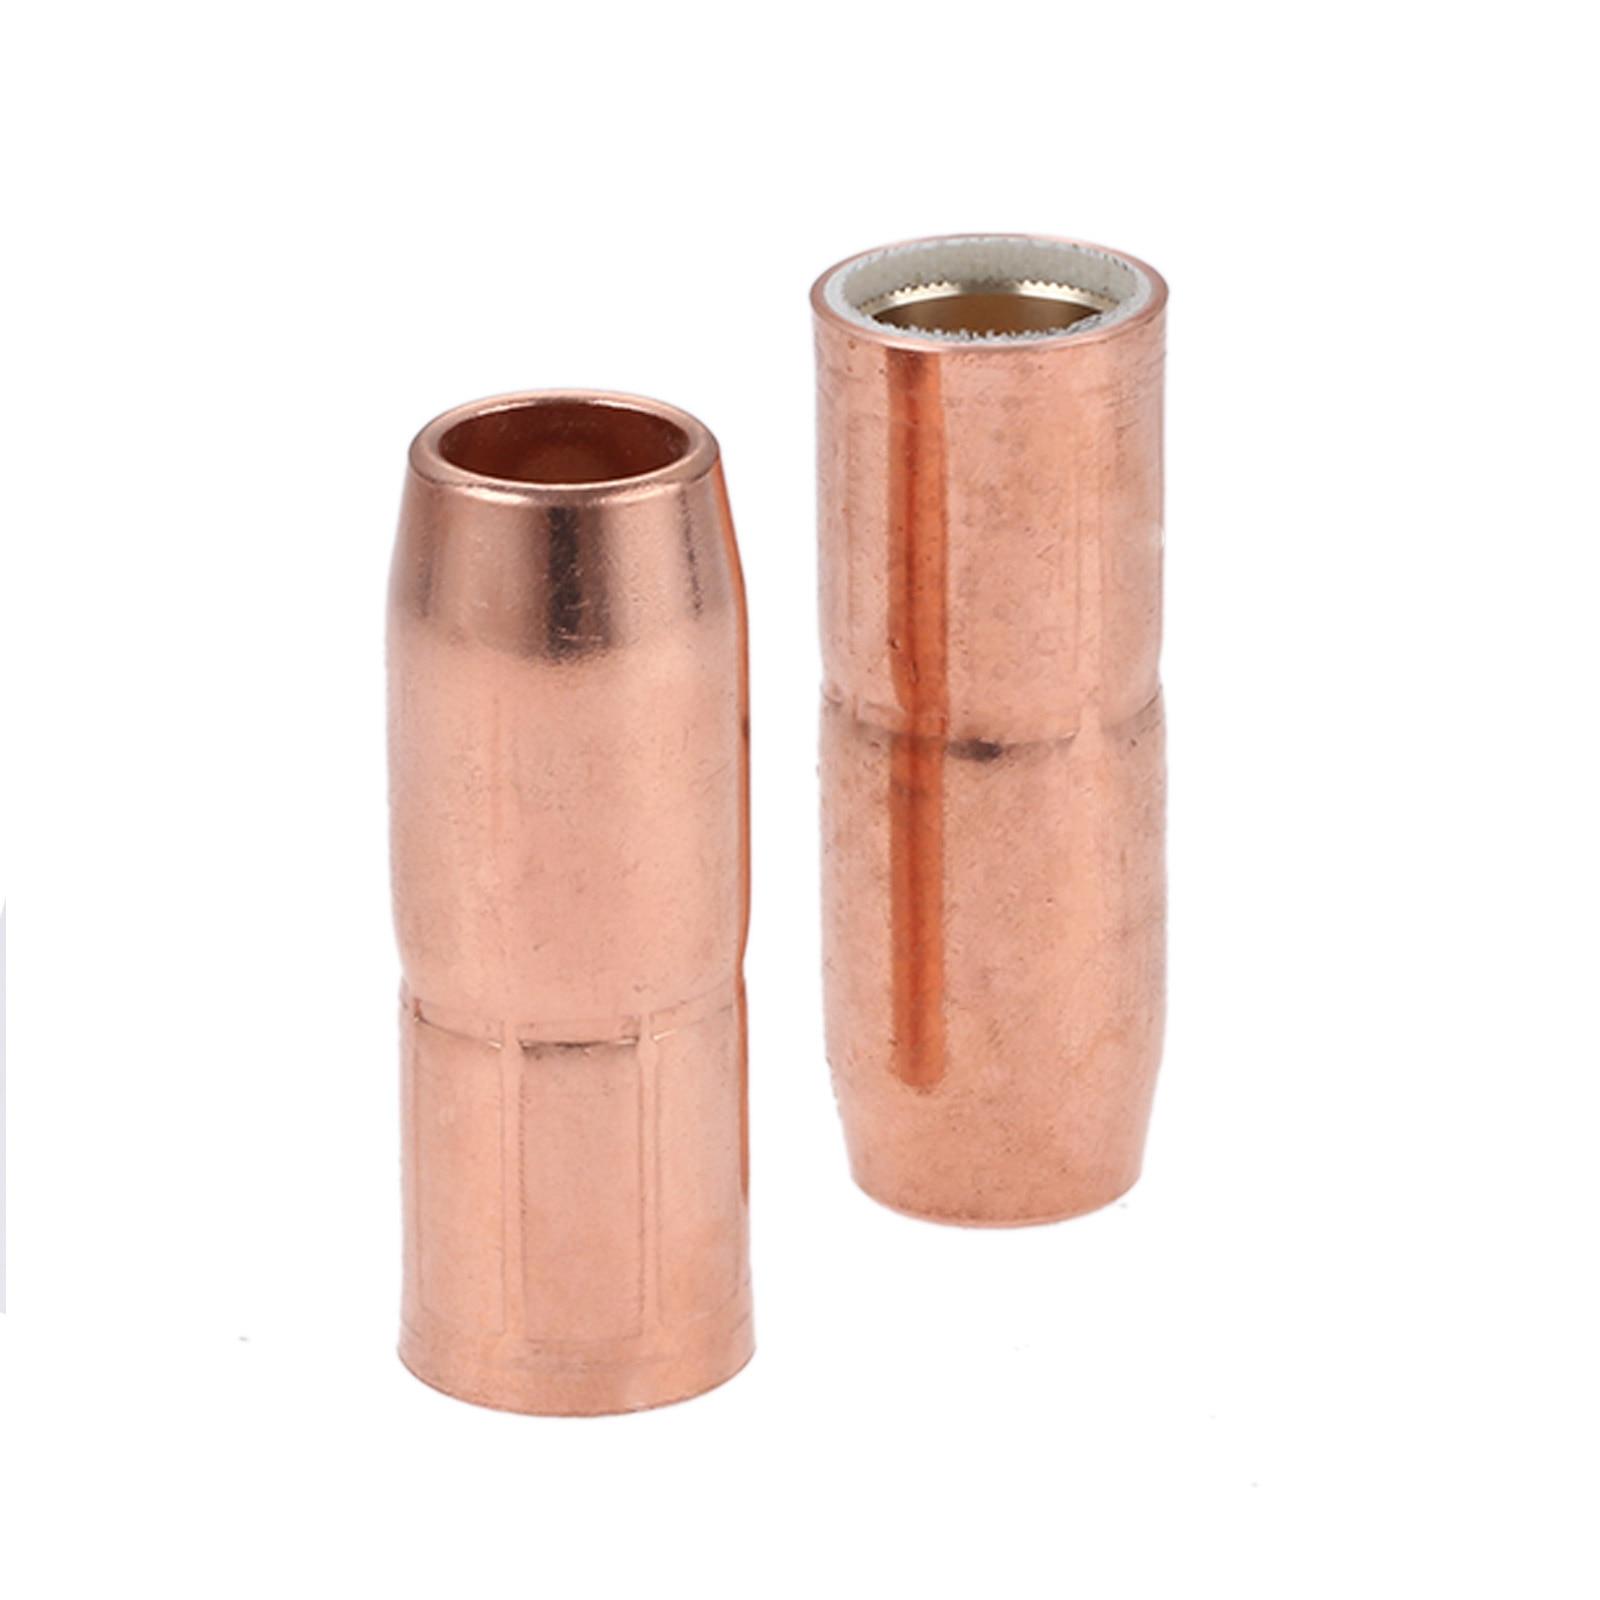 """2Pcs MIG Welding Nozzles 169-726 5/8"""" Flush Fit for Miller M25 M40 Hobart Gun"""